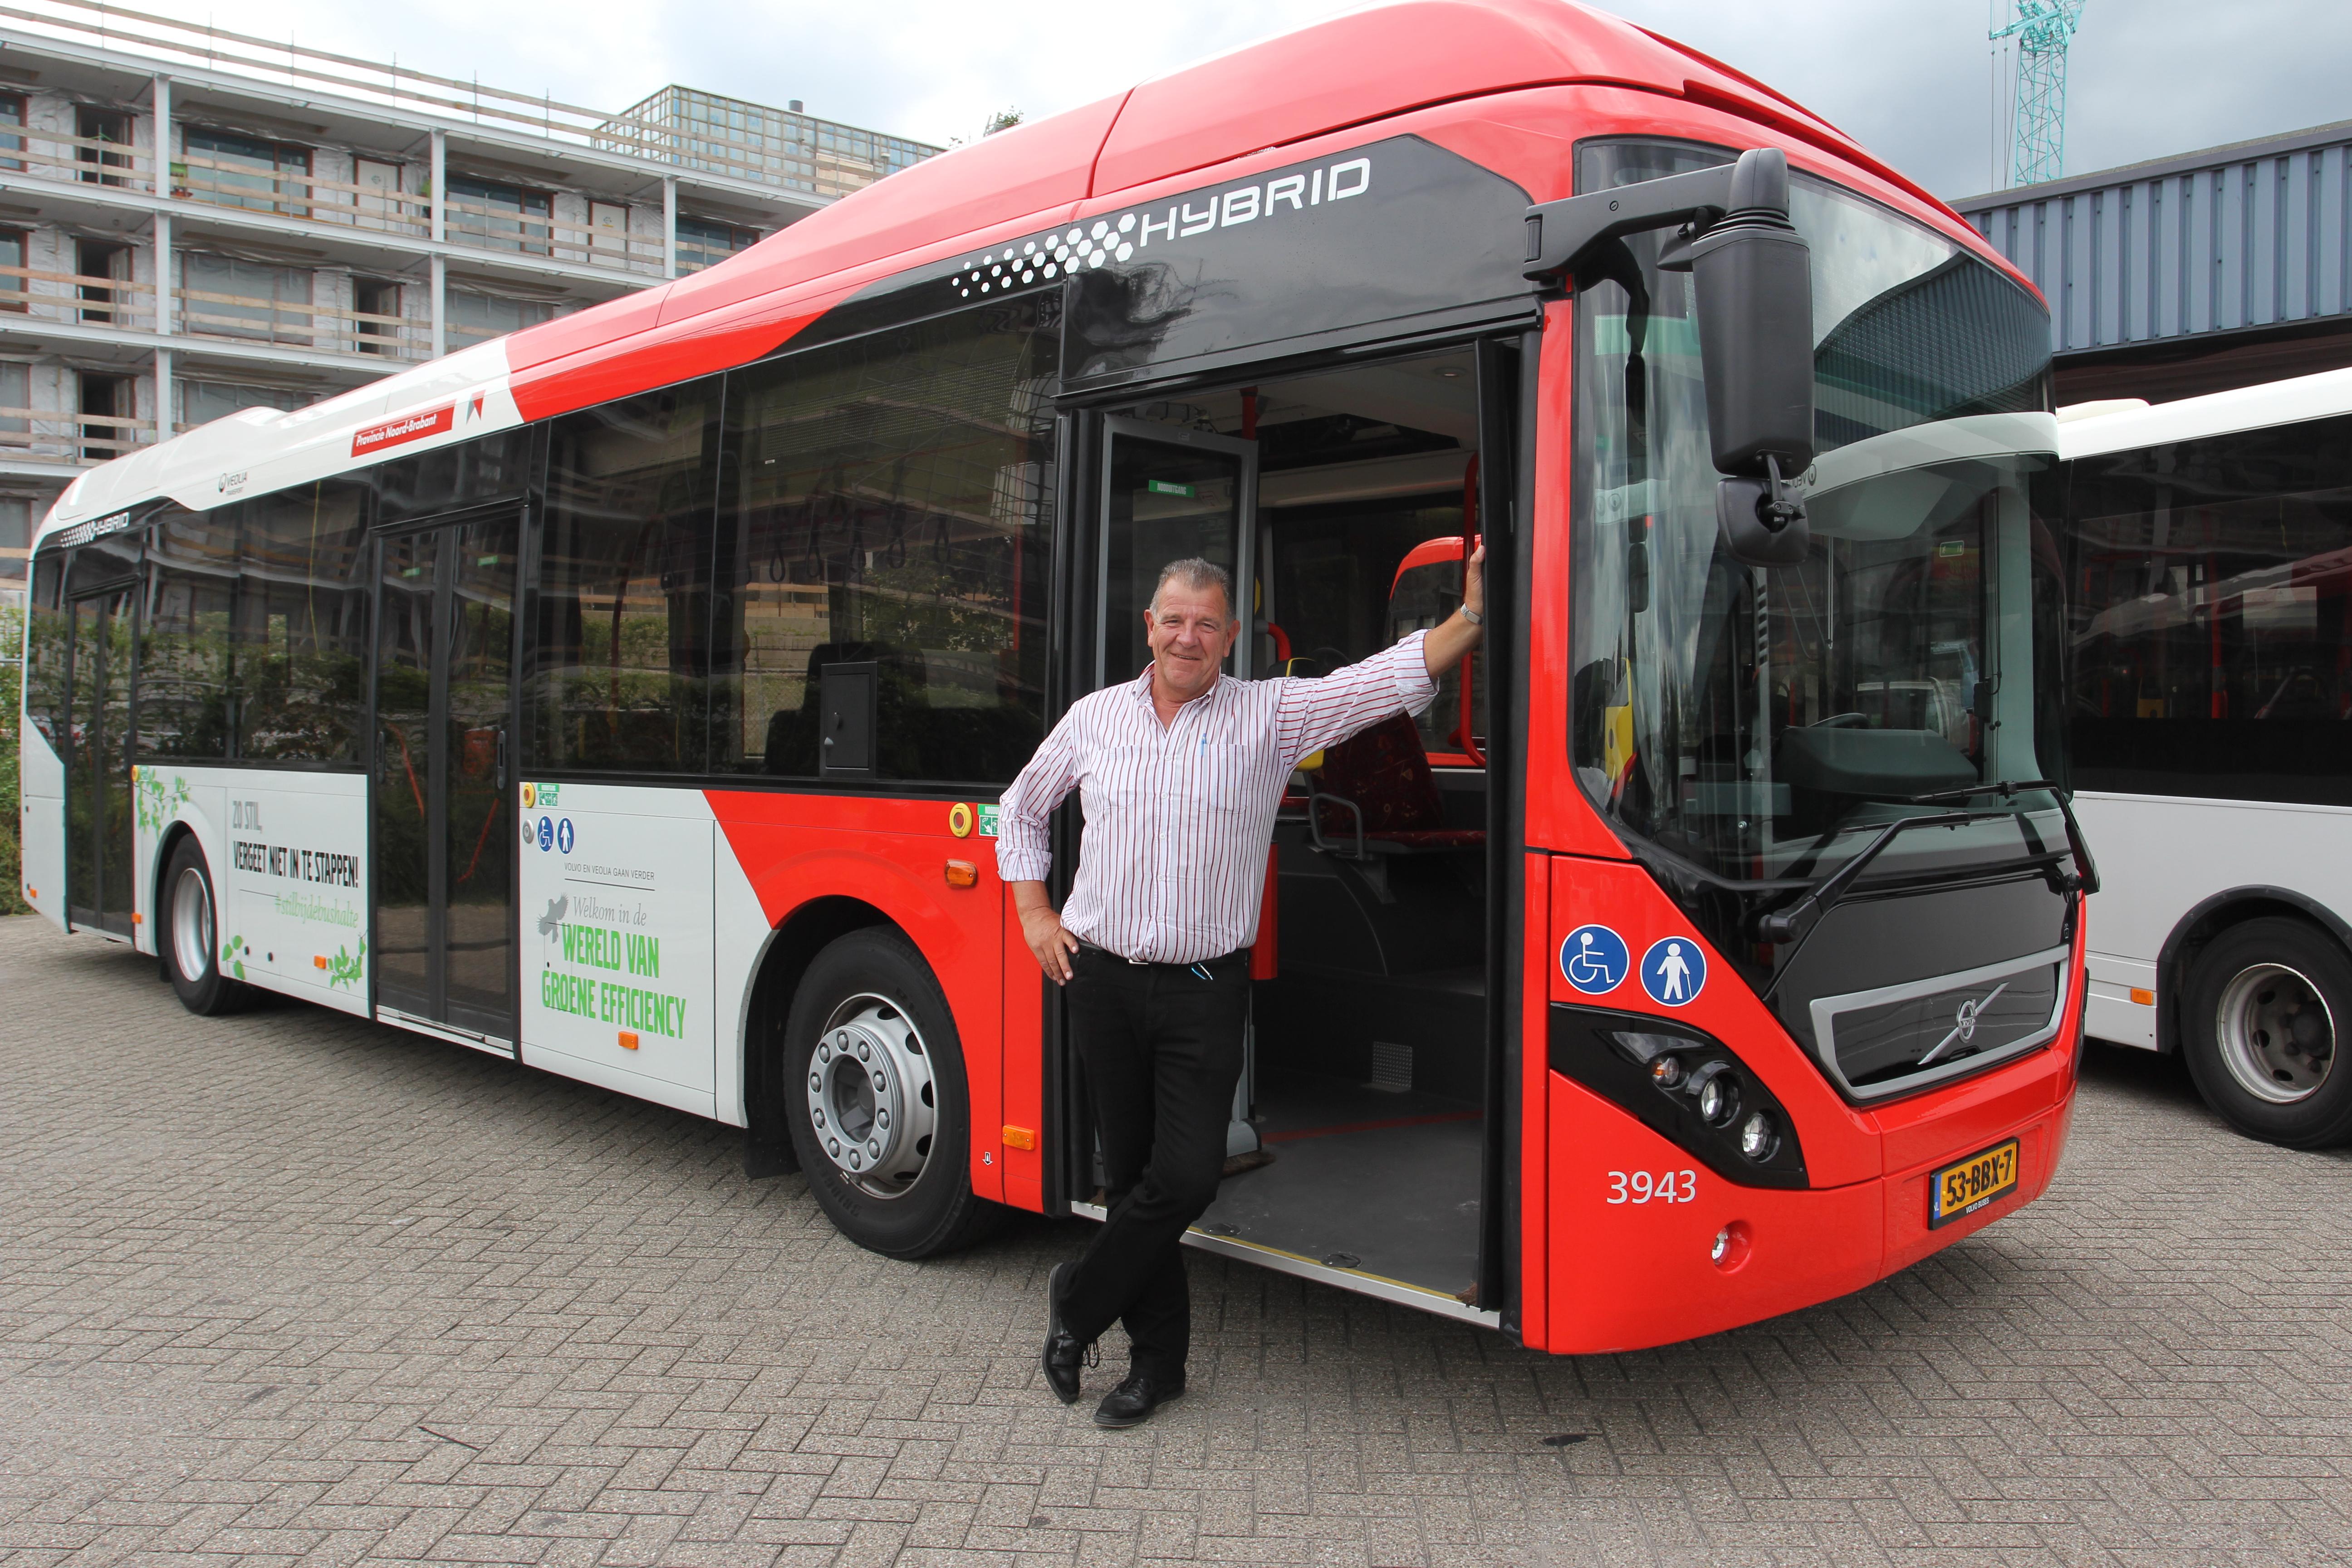 sollicitatie buschauffeur Punctualiteit OV bestek weinig invloed op werk buschauffeur  sollicitatie buschauffeur